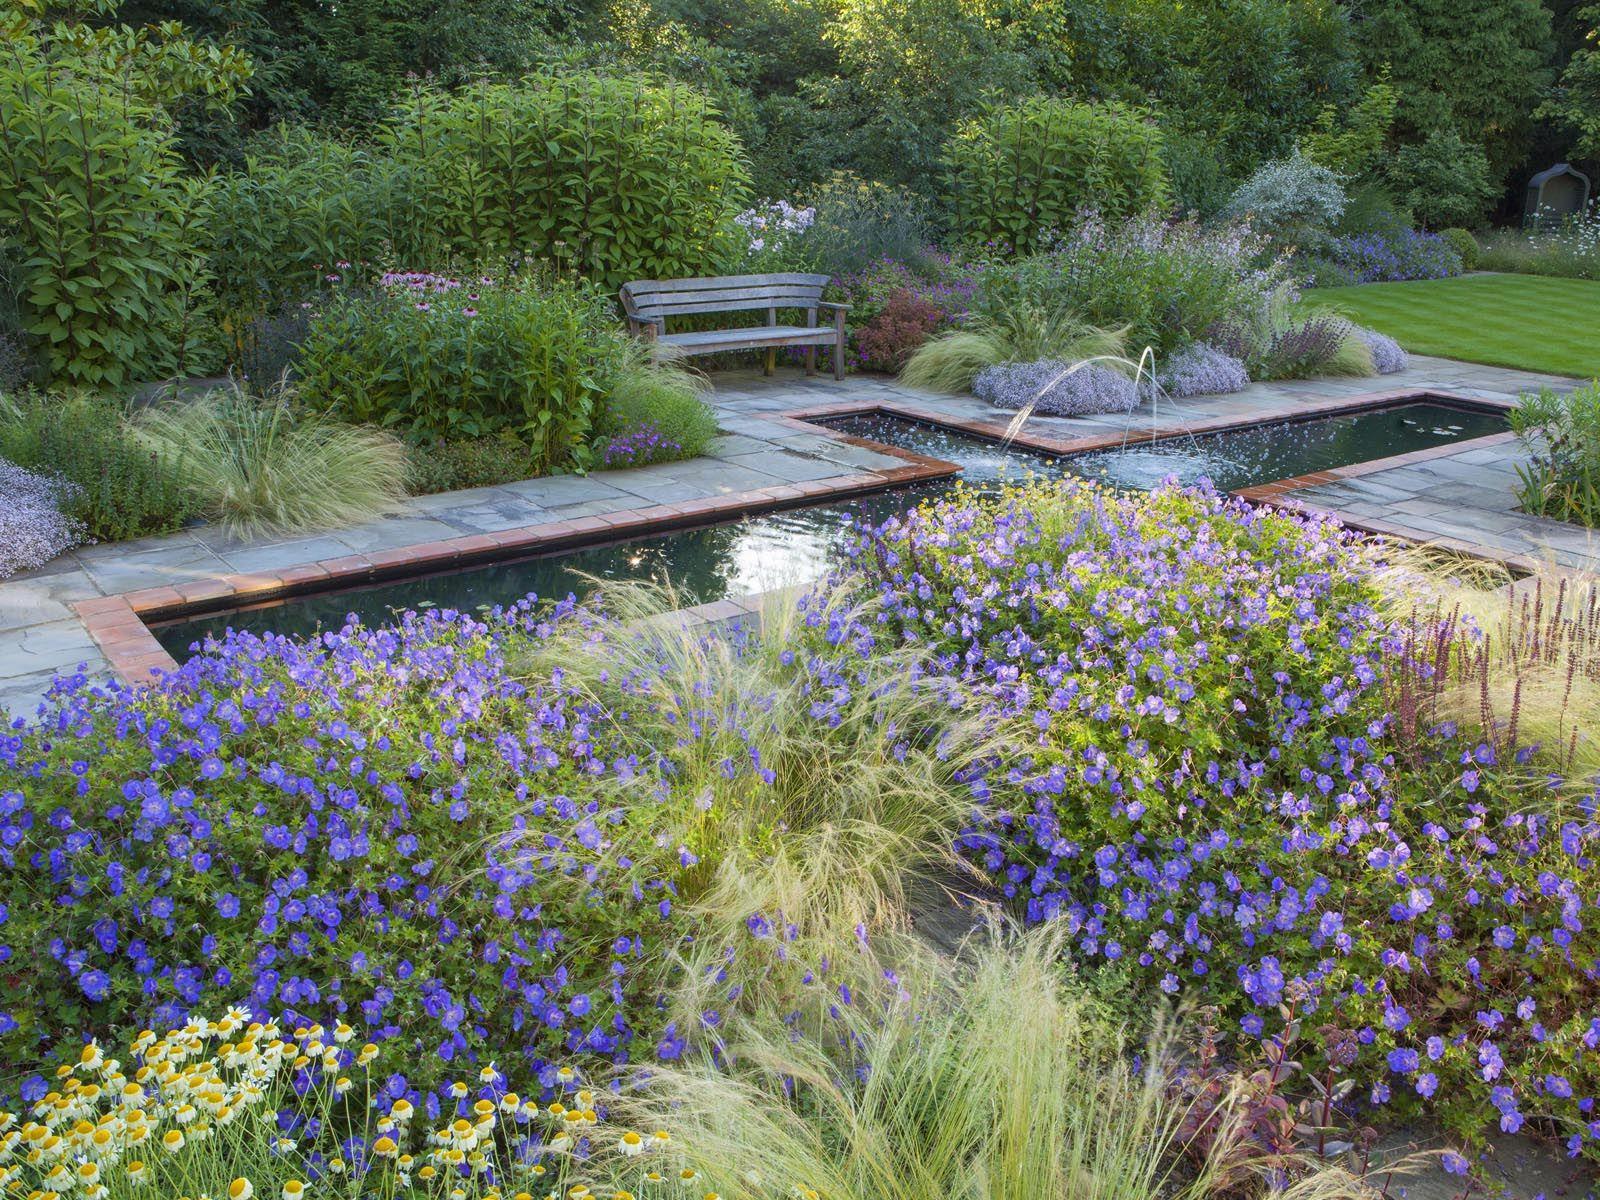 Virginia waters jane brockbank jardines pinterest virginia